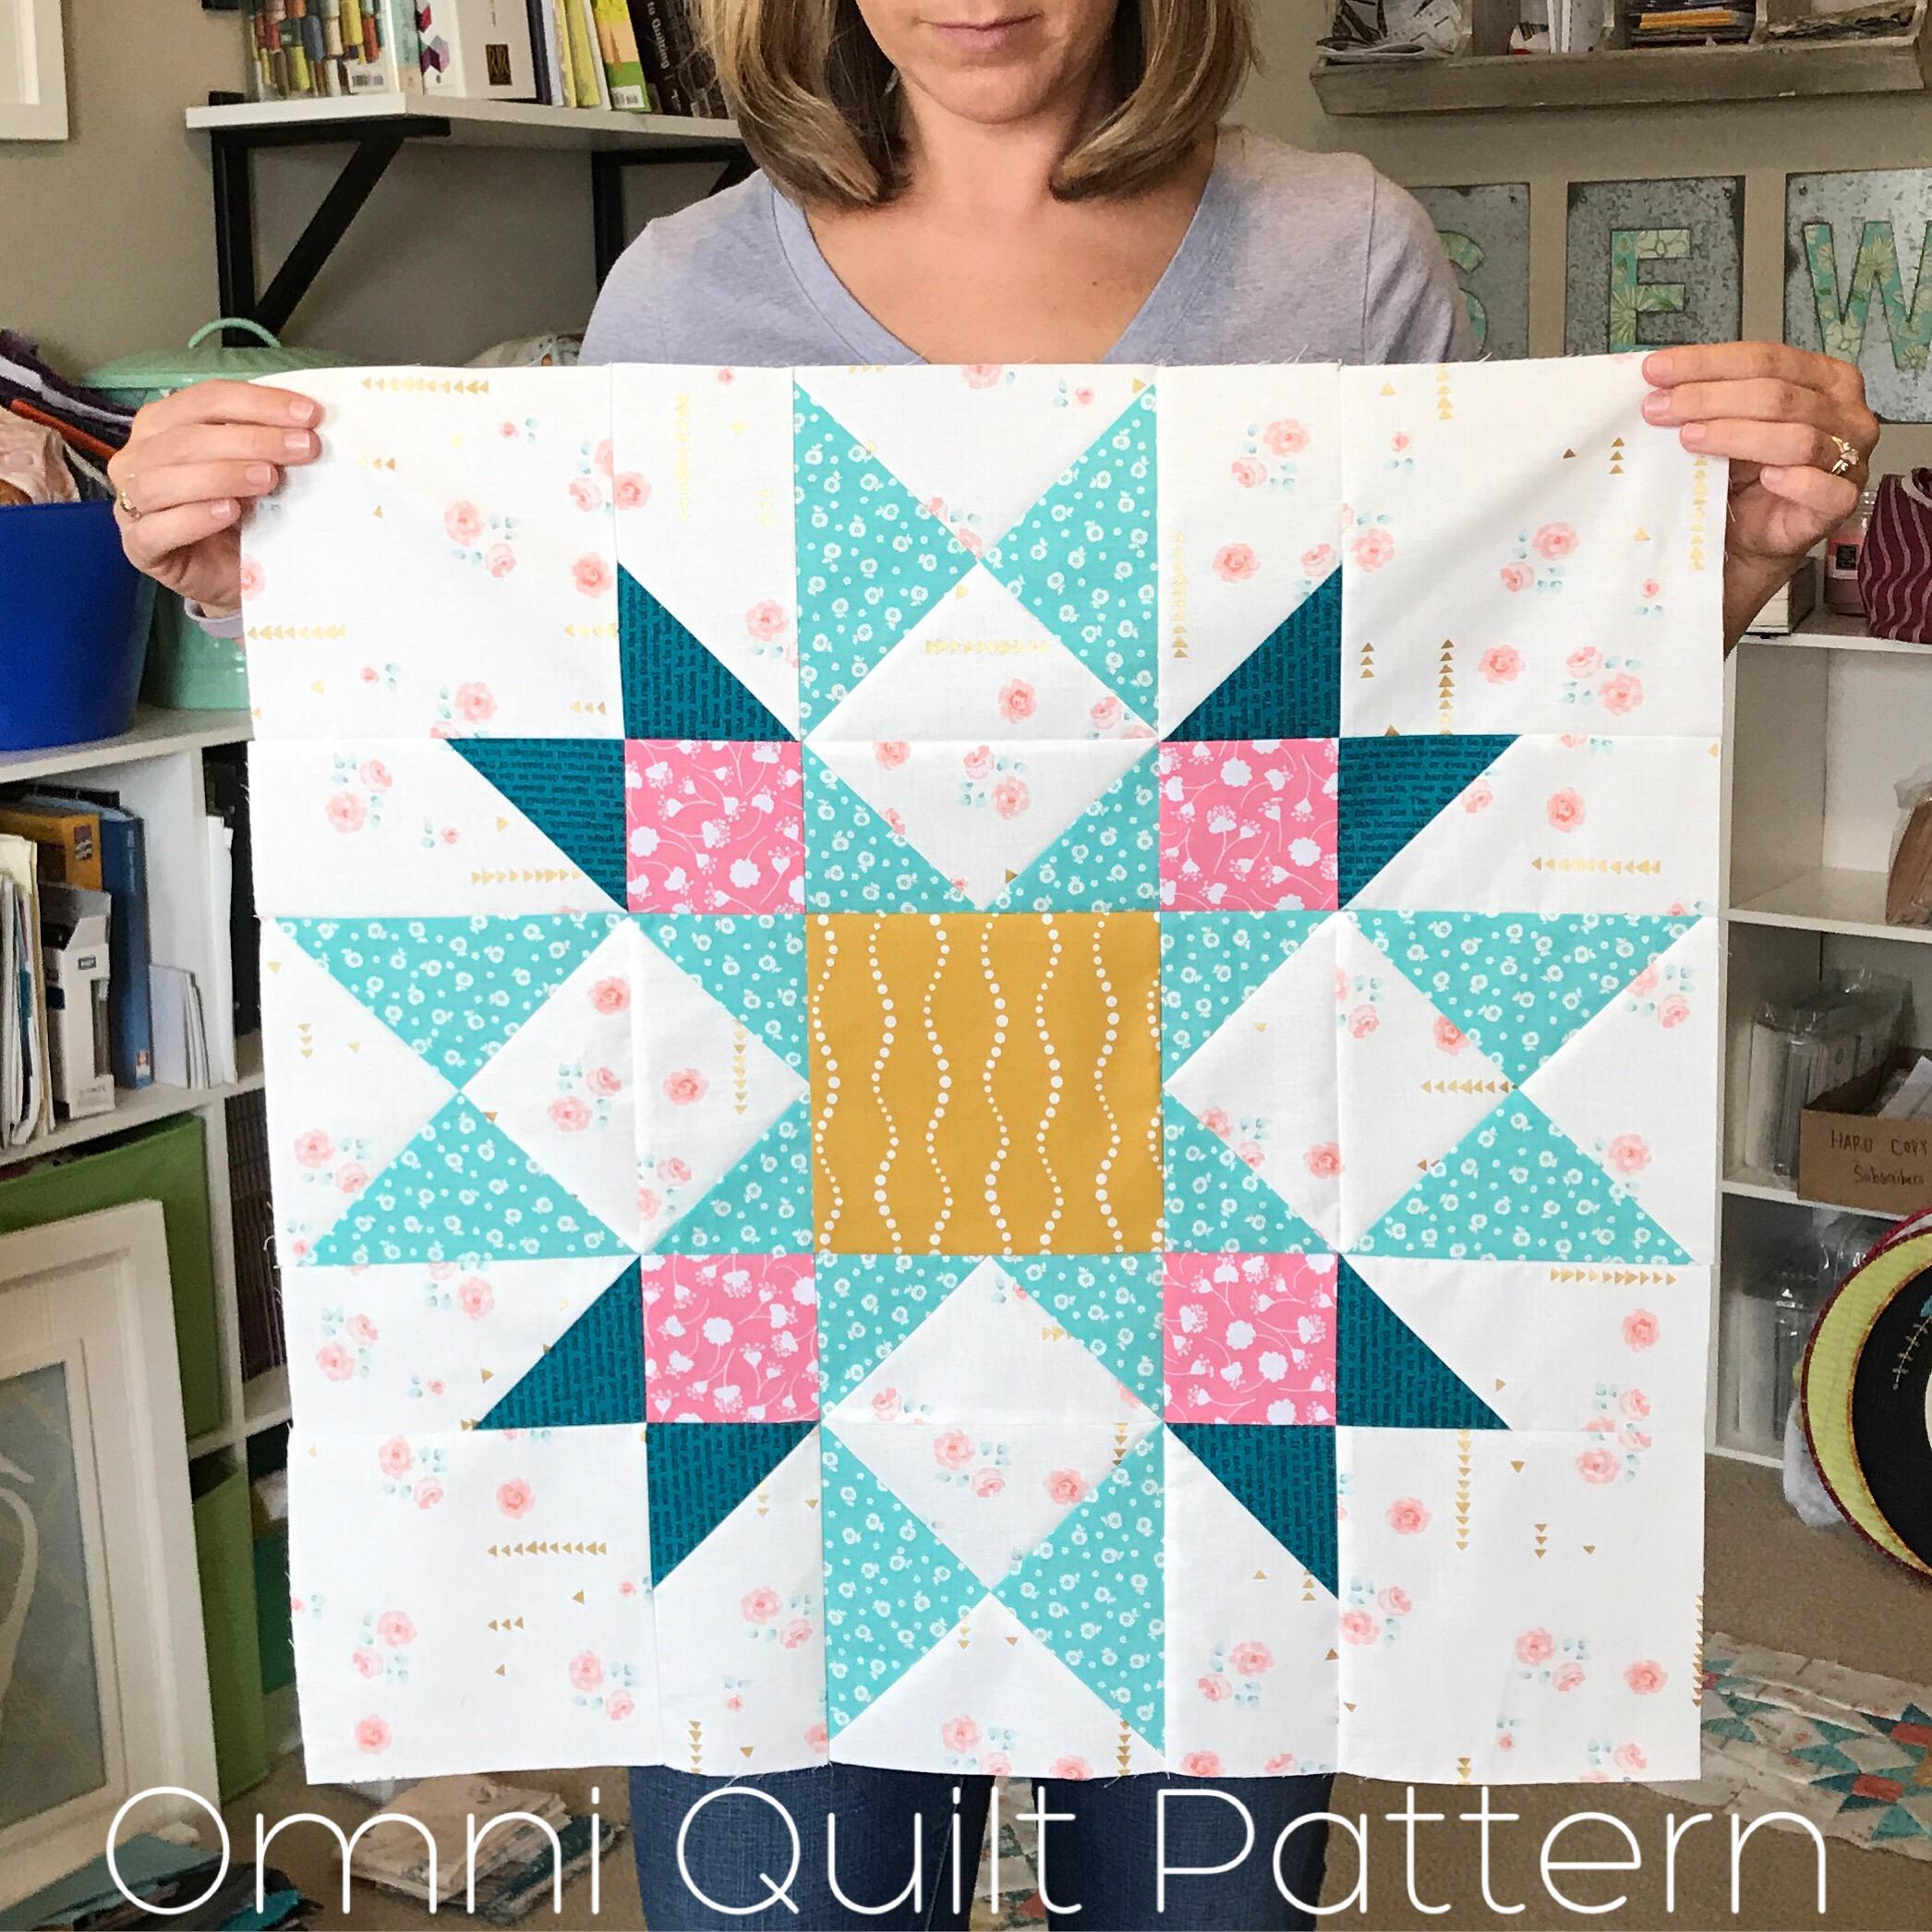 Omni Quilt Pattern center block.JPG